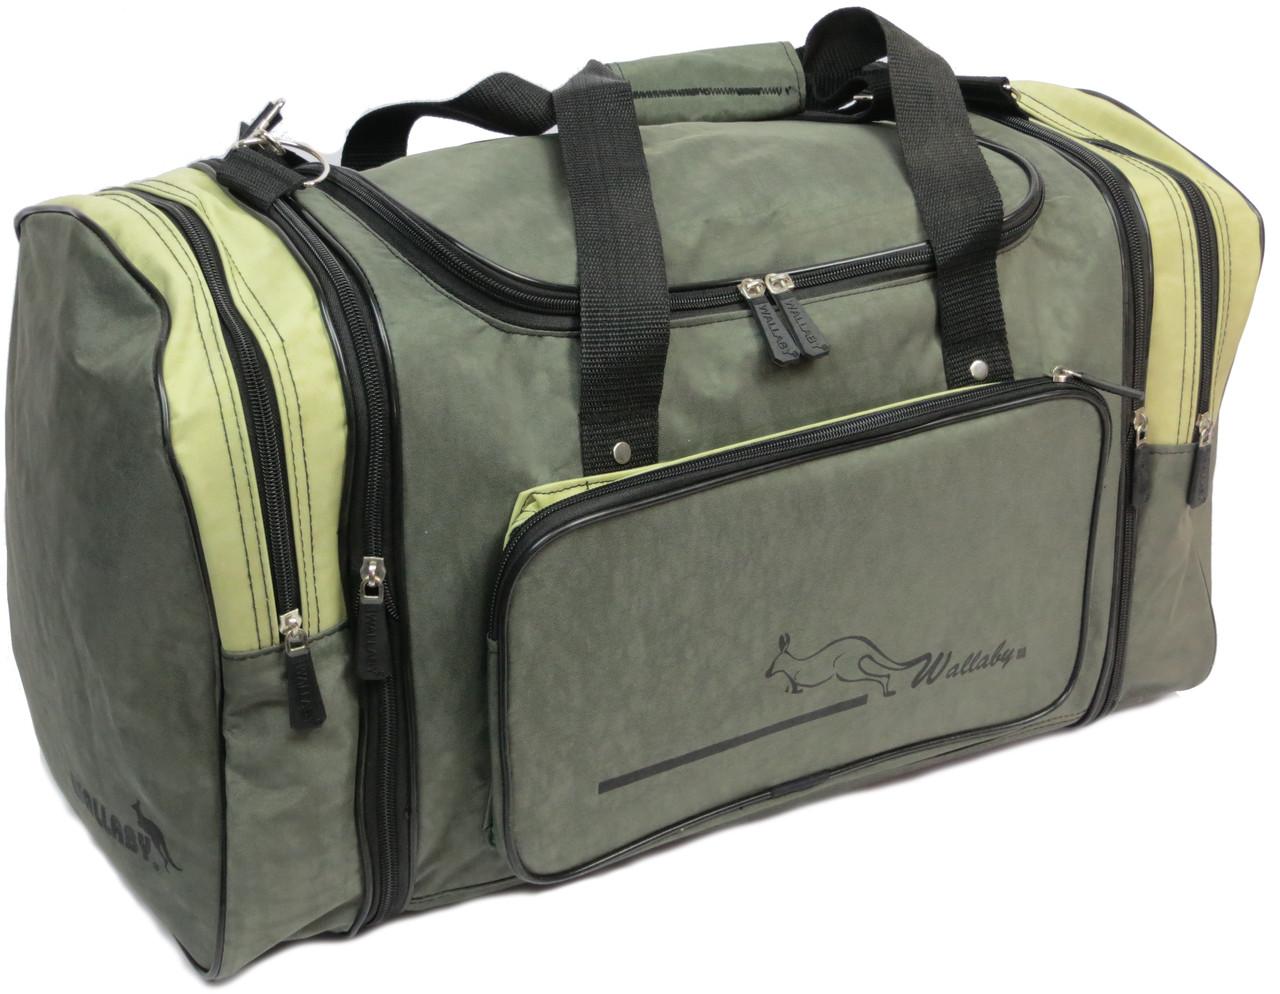 Спортивная сумка с расширением 48 л Wallaby 375-2 хаки